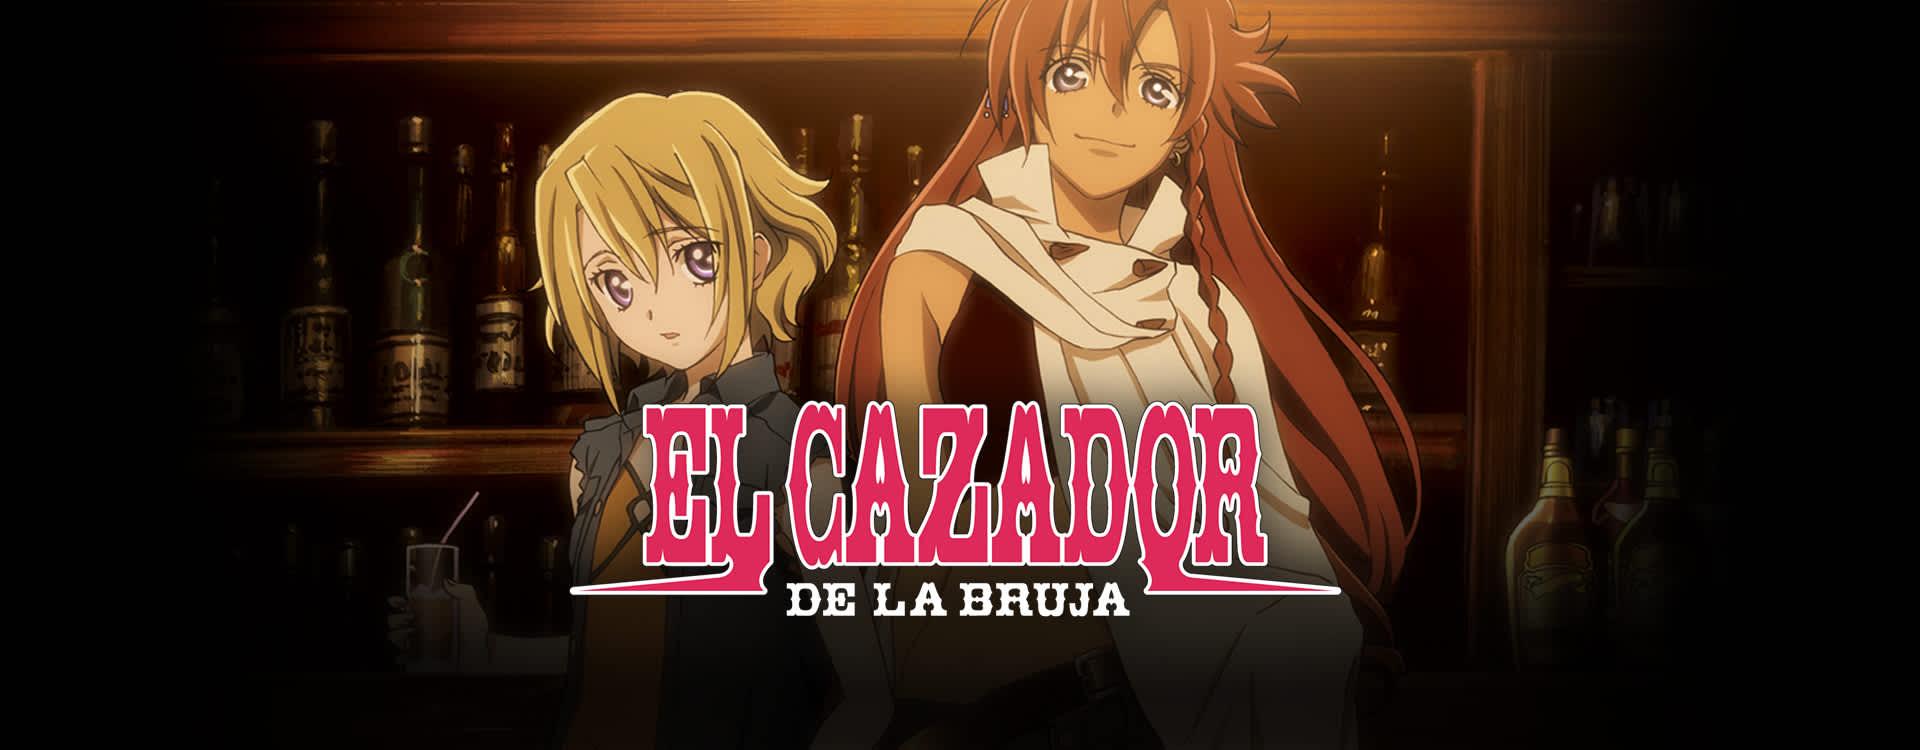 Watch El Cazador de la Bruja English Subbed in HD at Anime ...